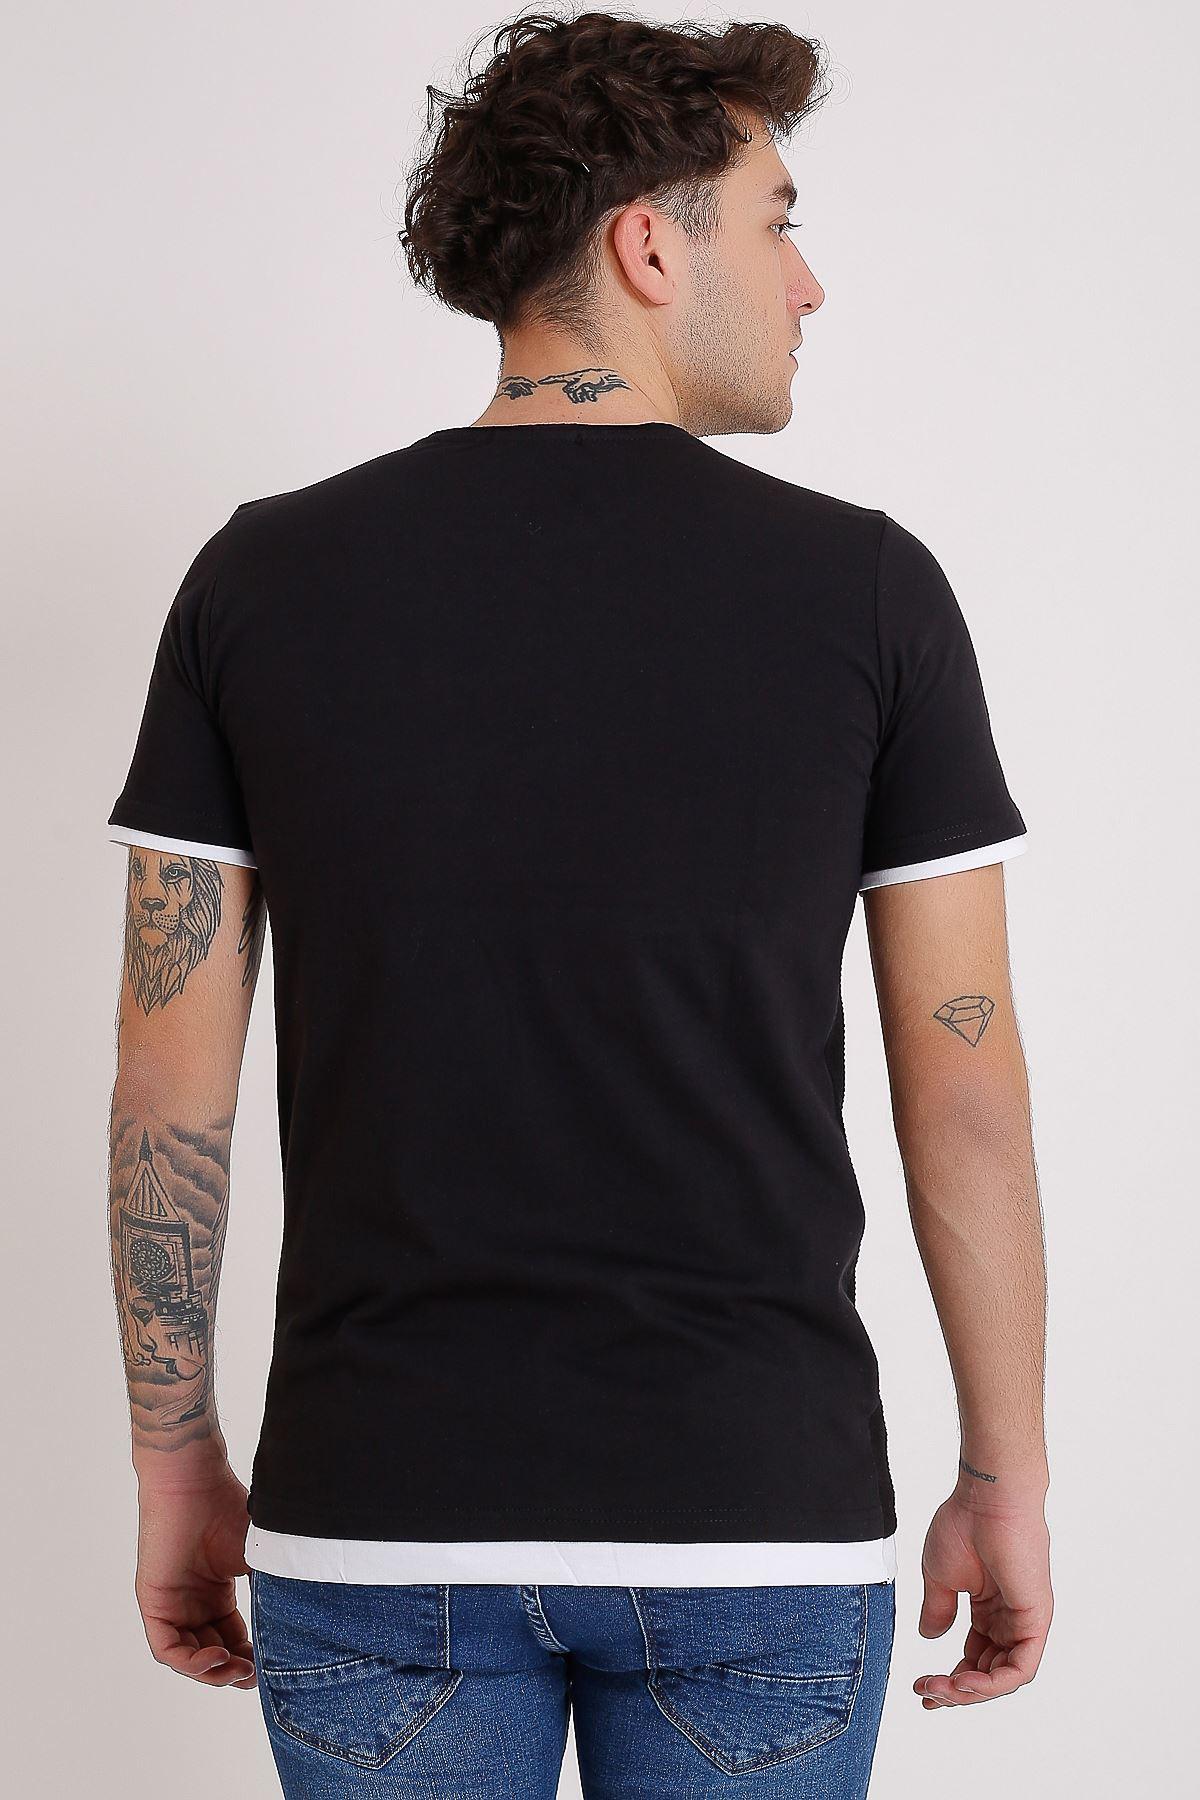 Bisiklet Yaka Baskılı Model Detay Siyah Erkek T-Shirt